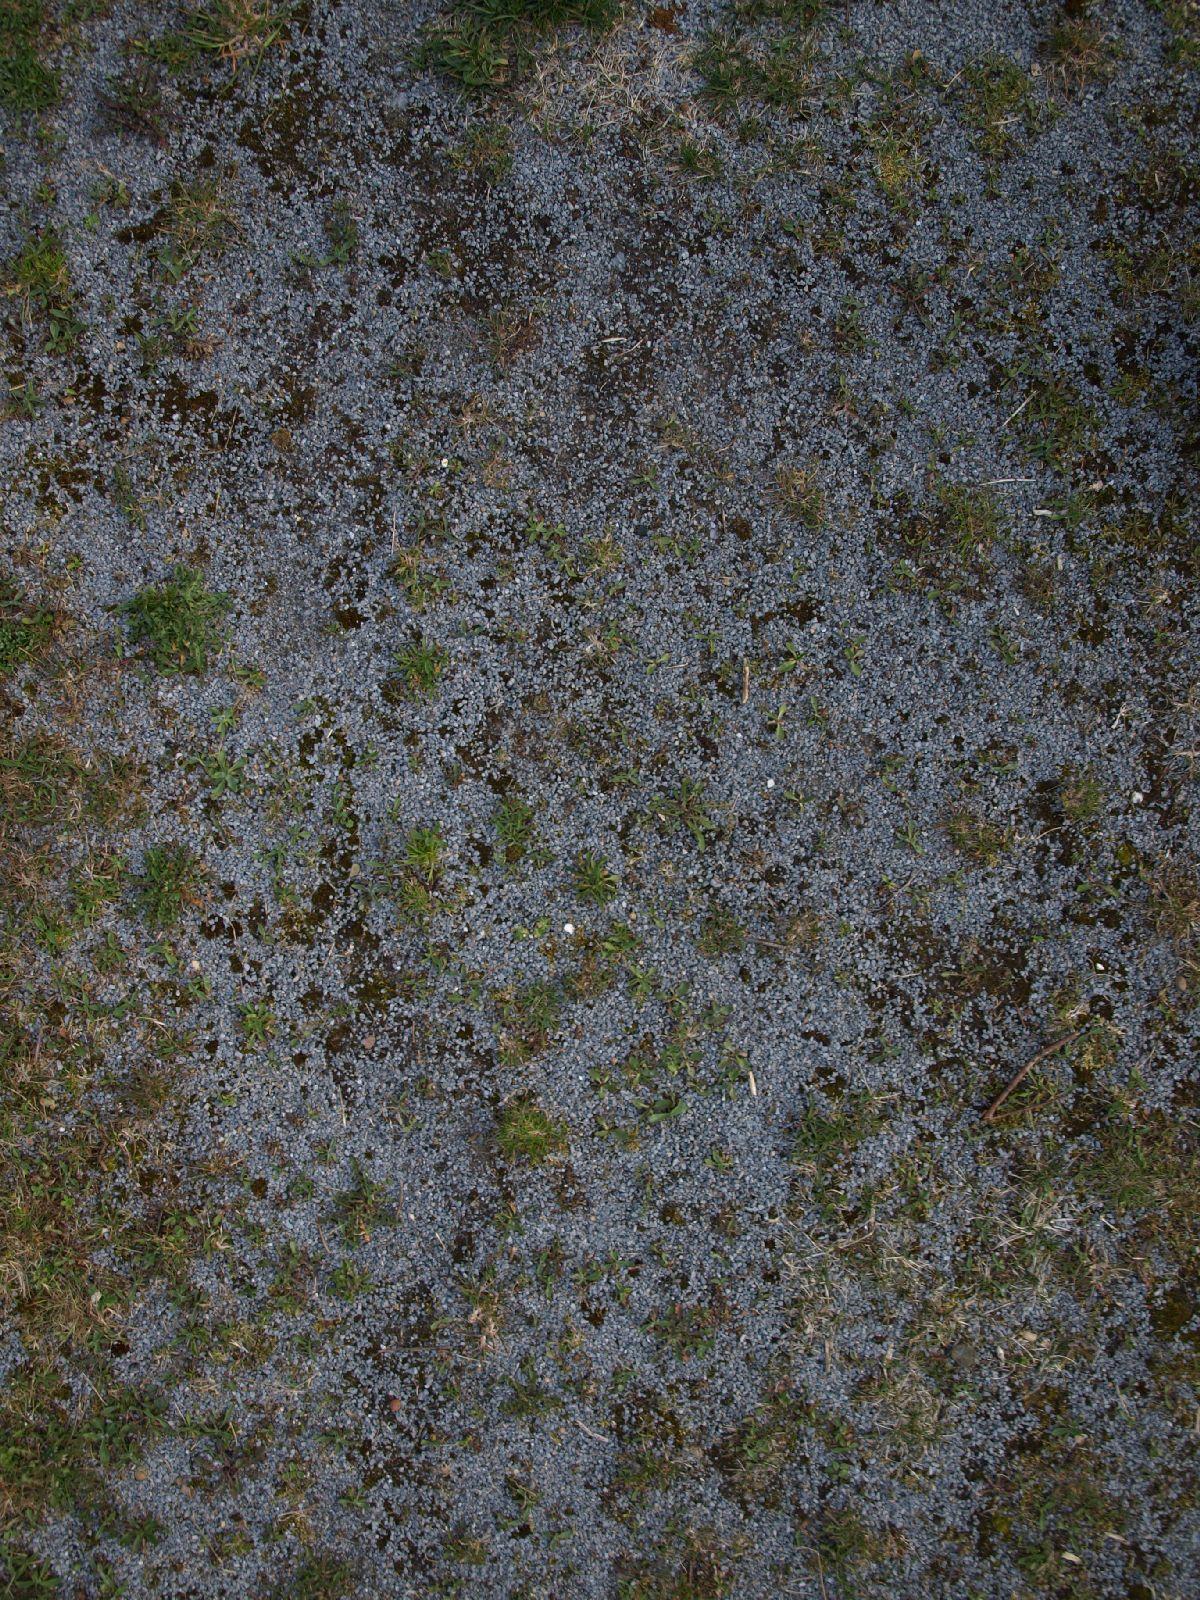 Boden-Gras-Moos-Blumen_Textur_A_P4201600